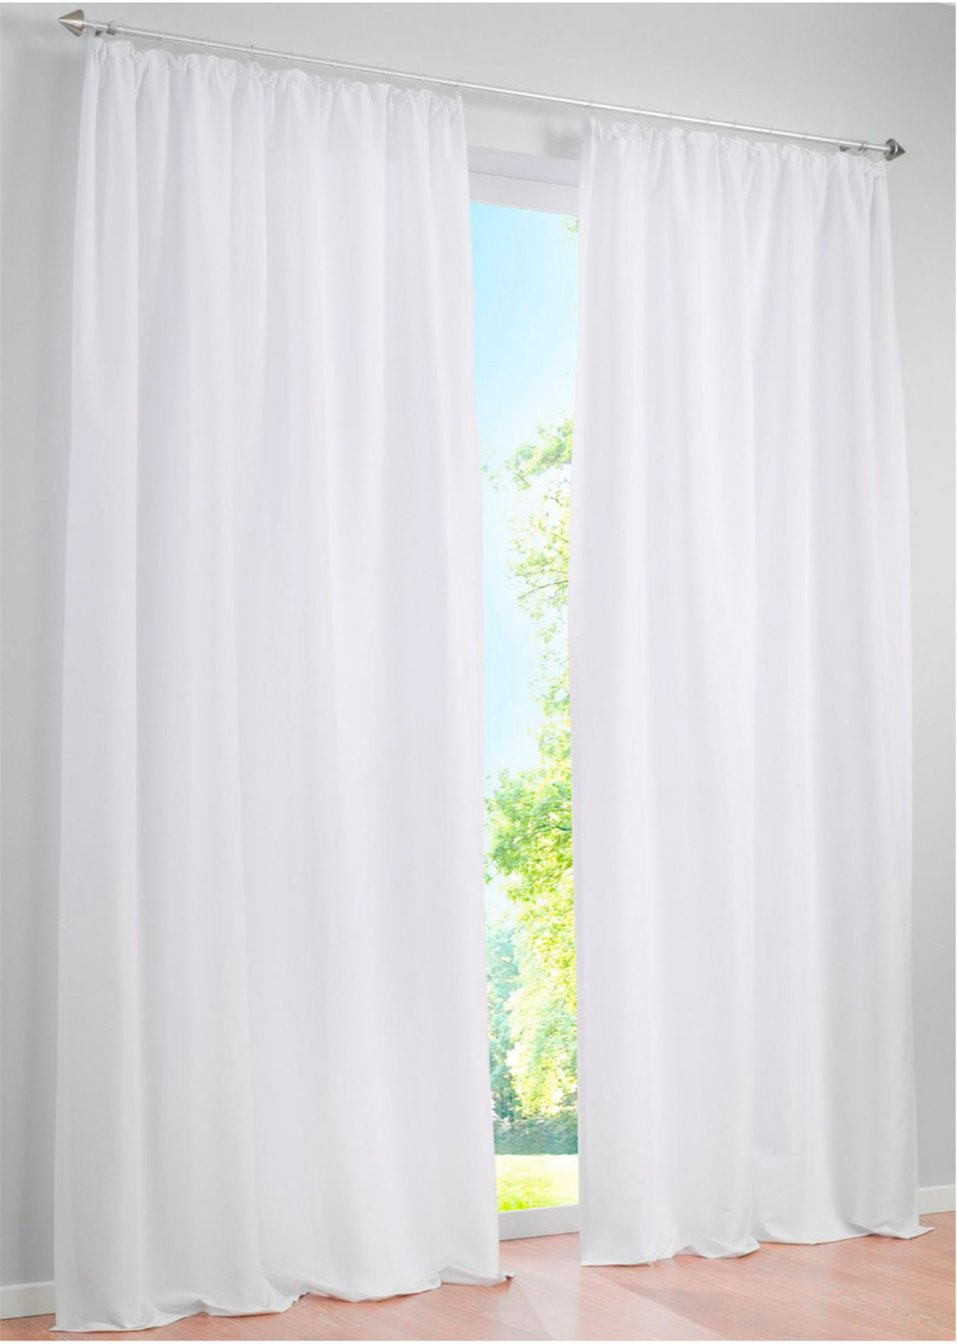 Einfach schn Unifarbener Vorhang zur dezenten Gestaltung